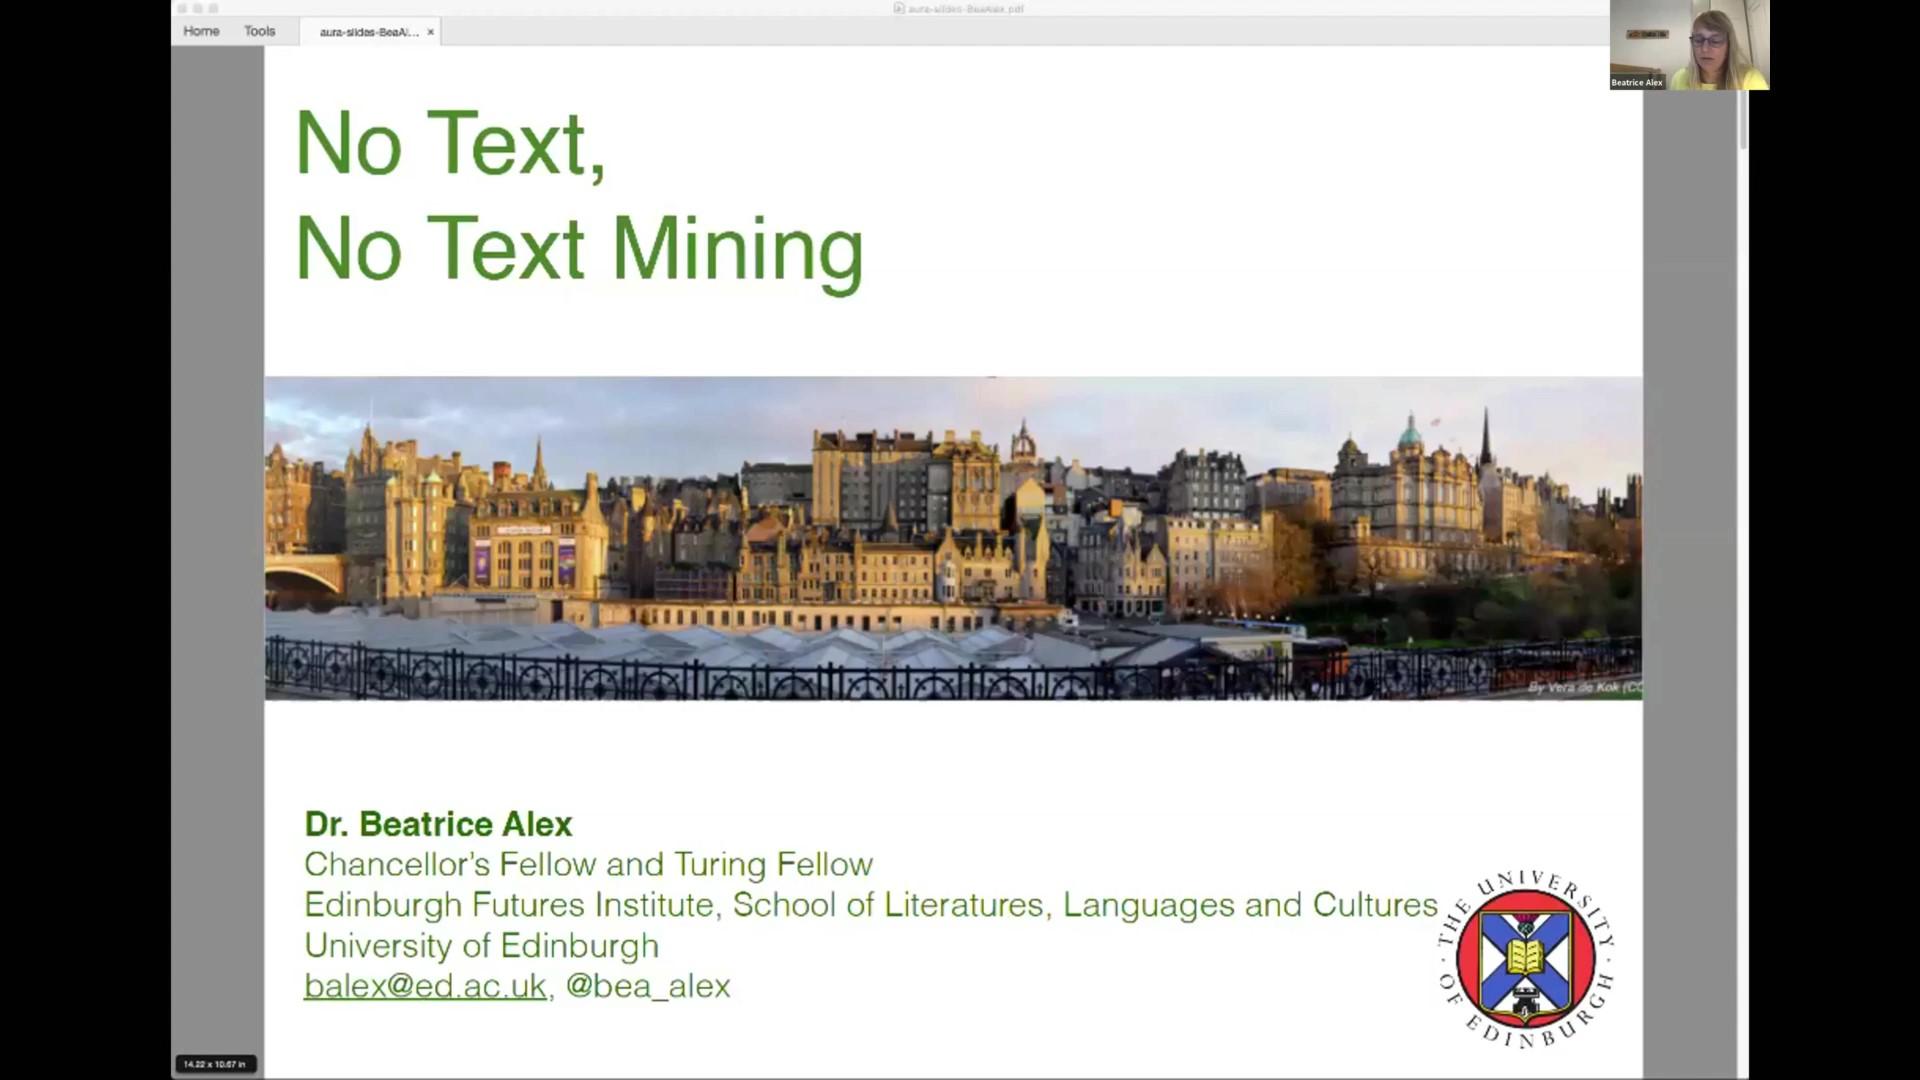 Workshop 1 – Bea Alex – 'No Text, No Text Mining'